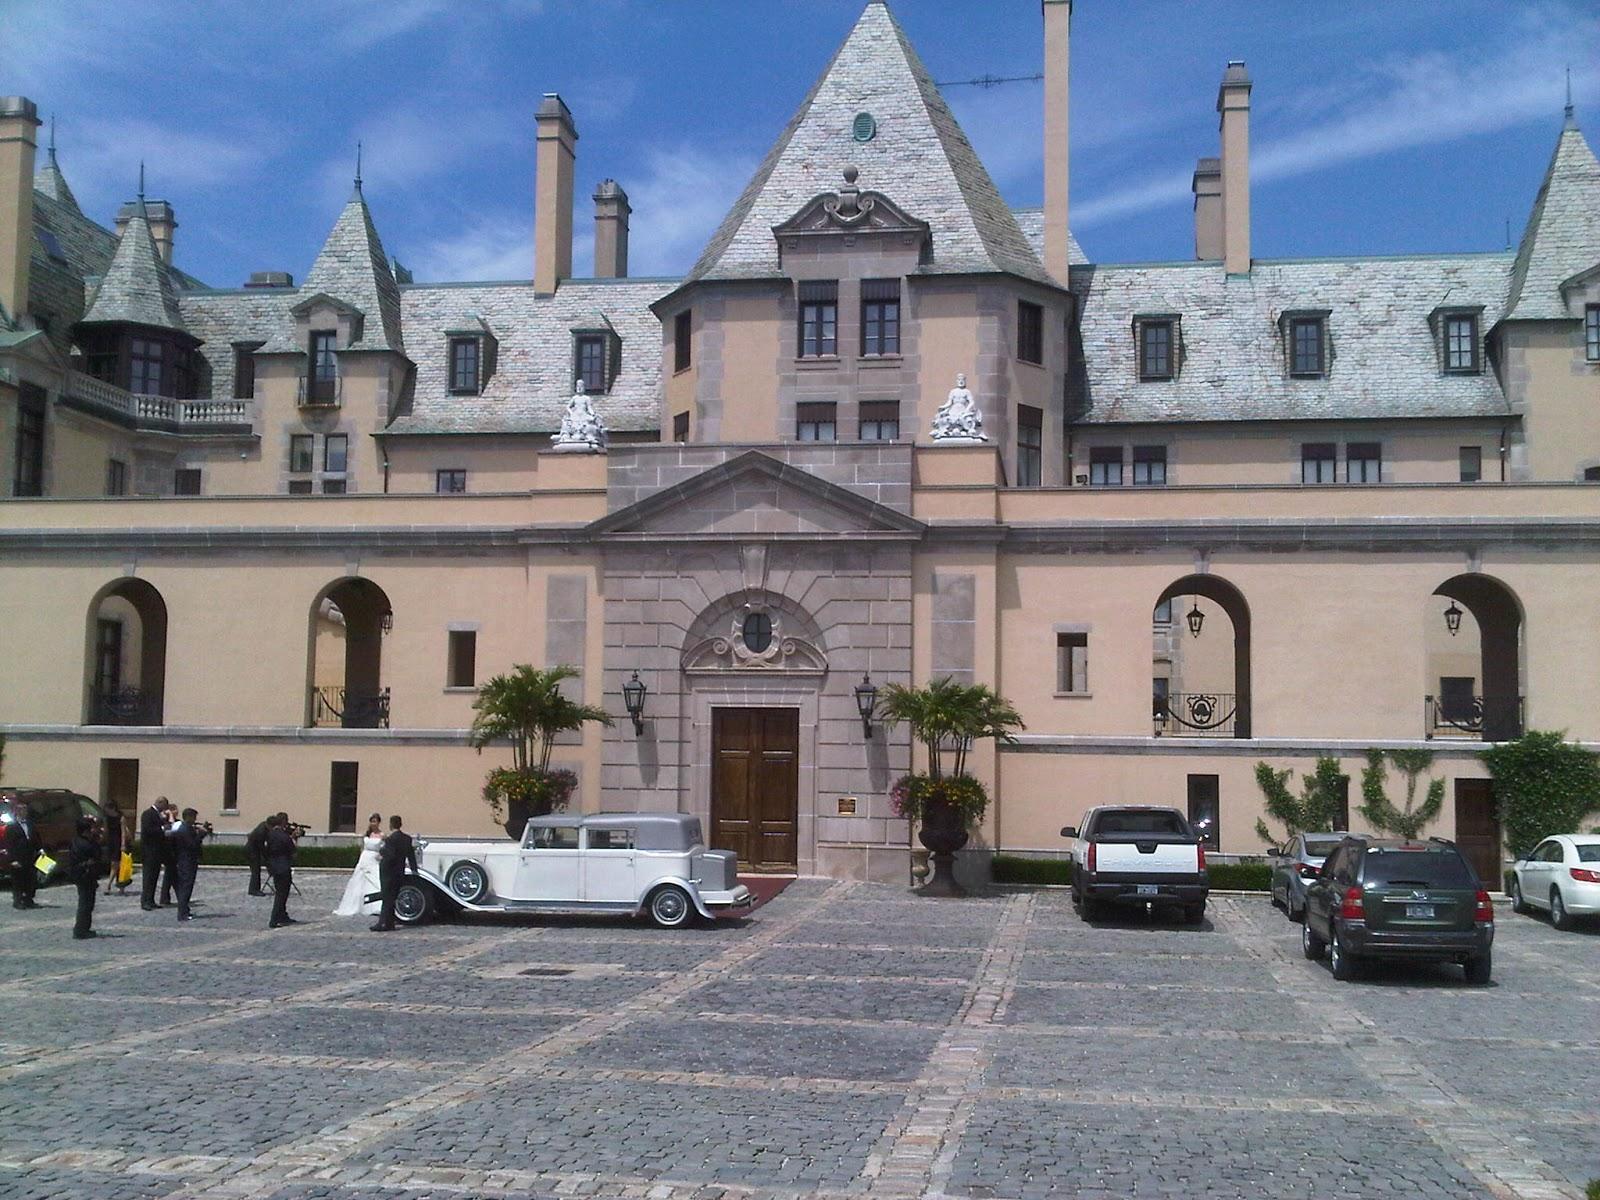 The Wandering Bride Oheka Castle